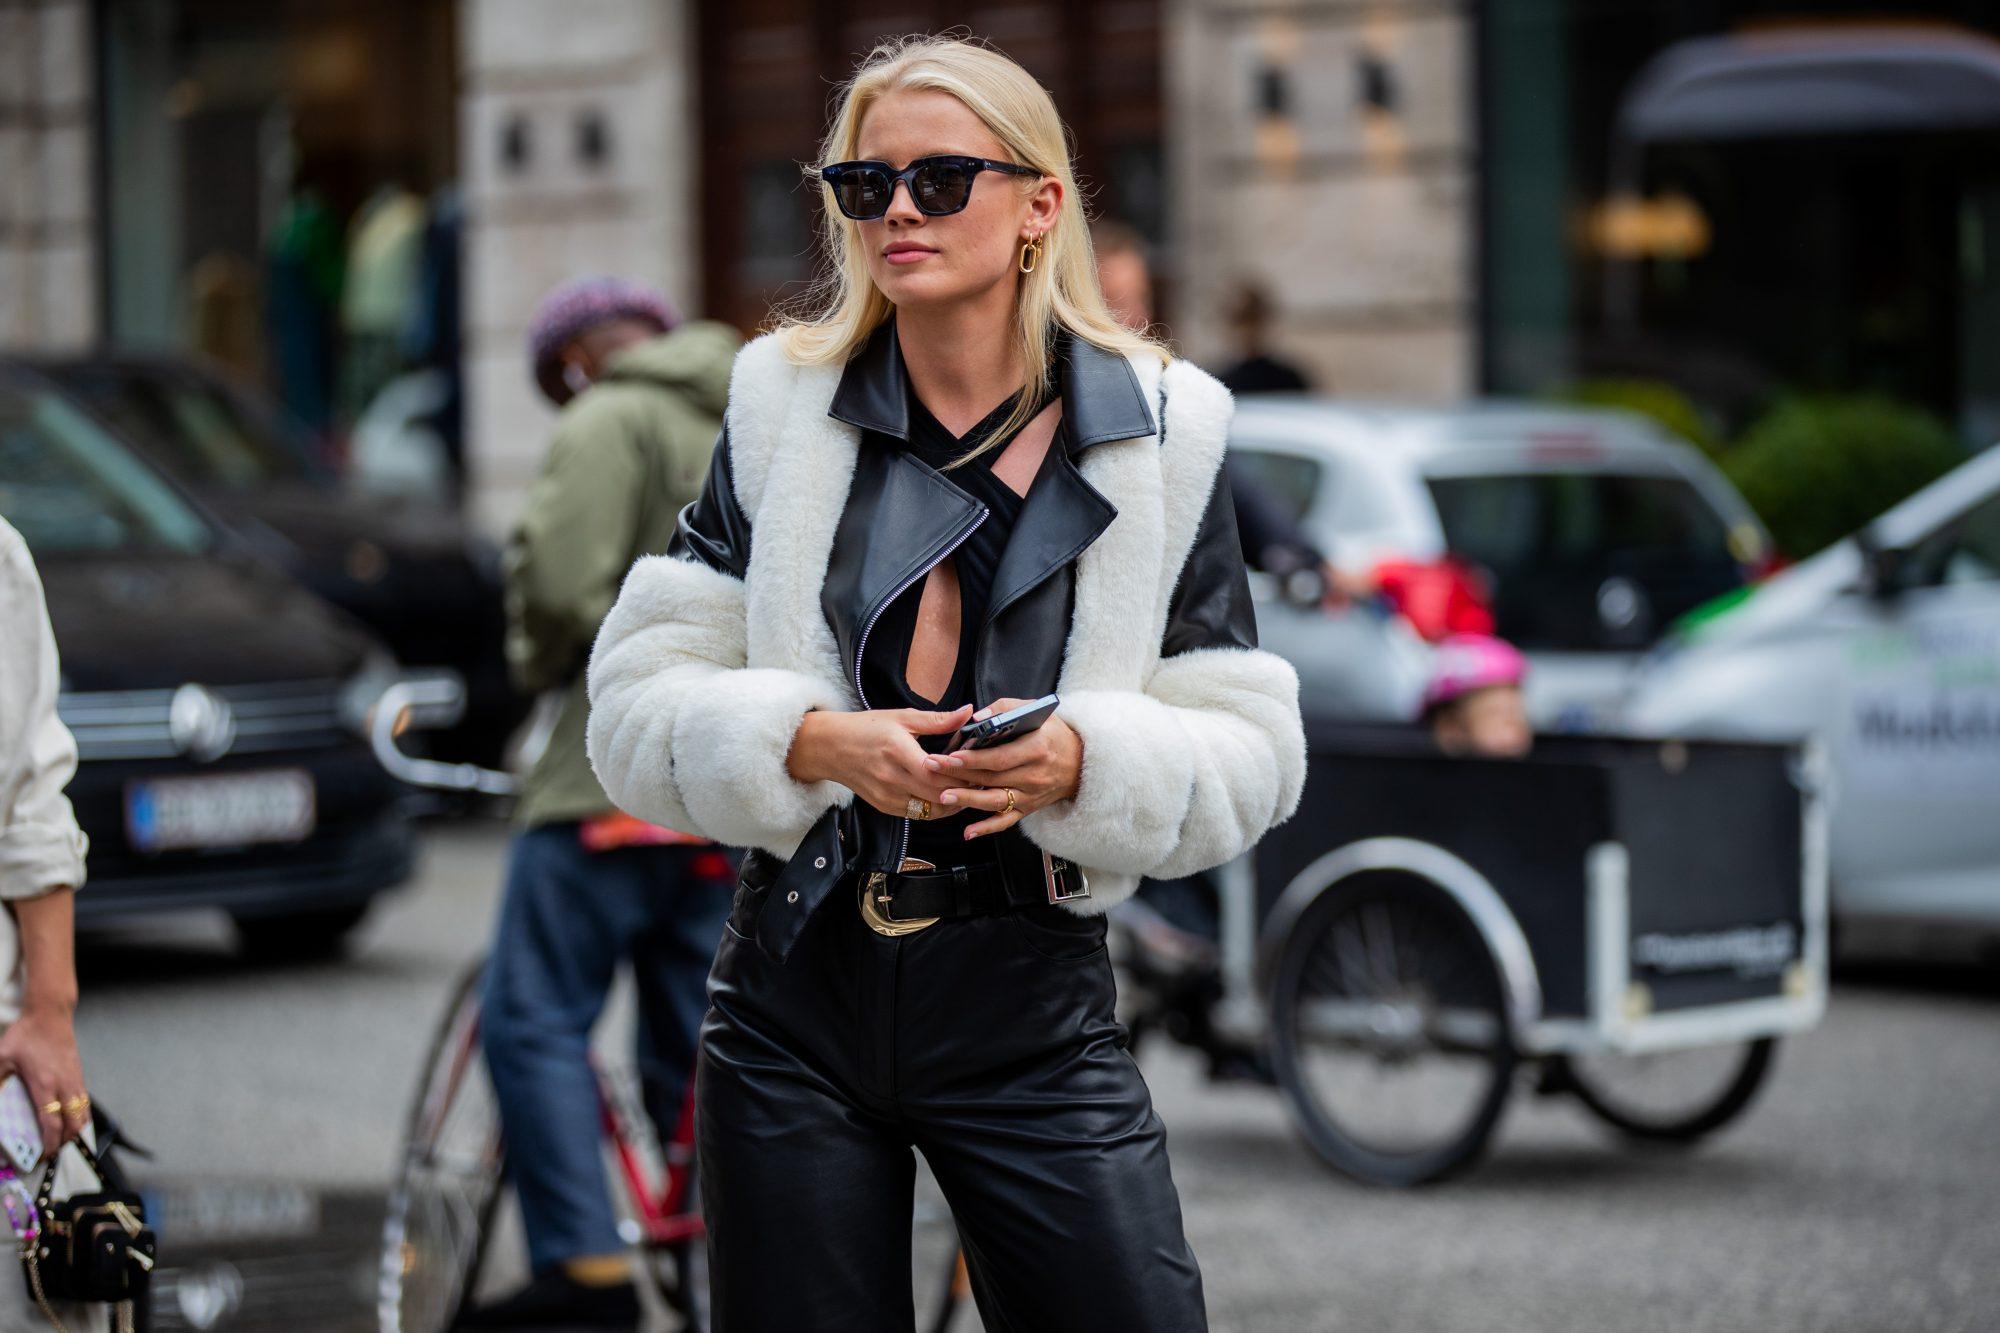 Επιτέλους! Δίνουμε απάντηση στις 12 πιο συχνές fashion ερωτήσεις Στοιχηματίζουμε ότι κάποιες από αυτές τις στιλιστικές απορίες, τις έχεις και εσύ, αλλά με την δική μας βοήθεια το καθημερινό σου styling από αύριο θα μοιάζει με παιχνίδι.